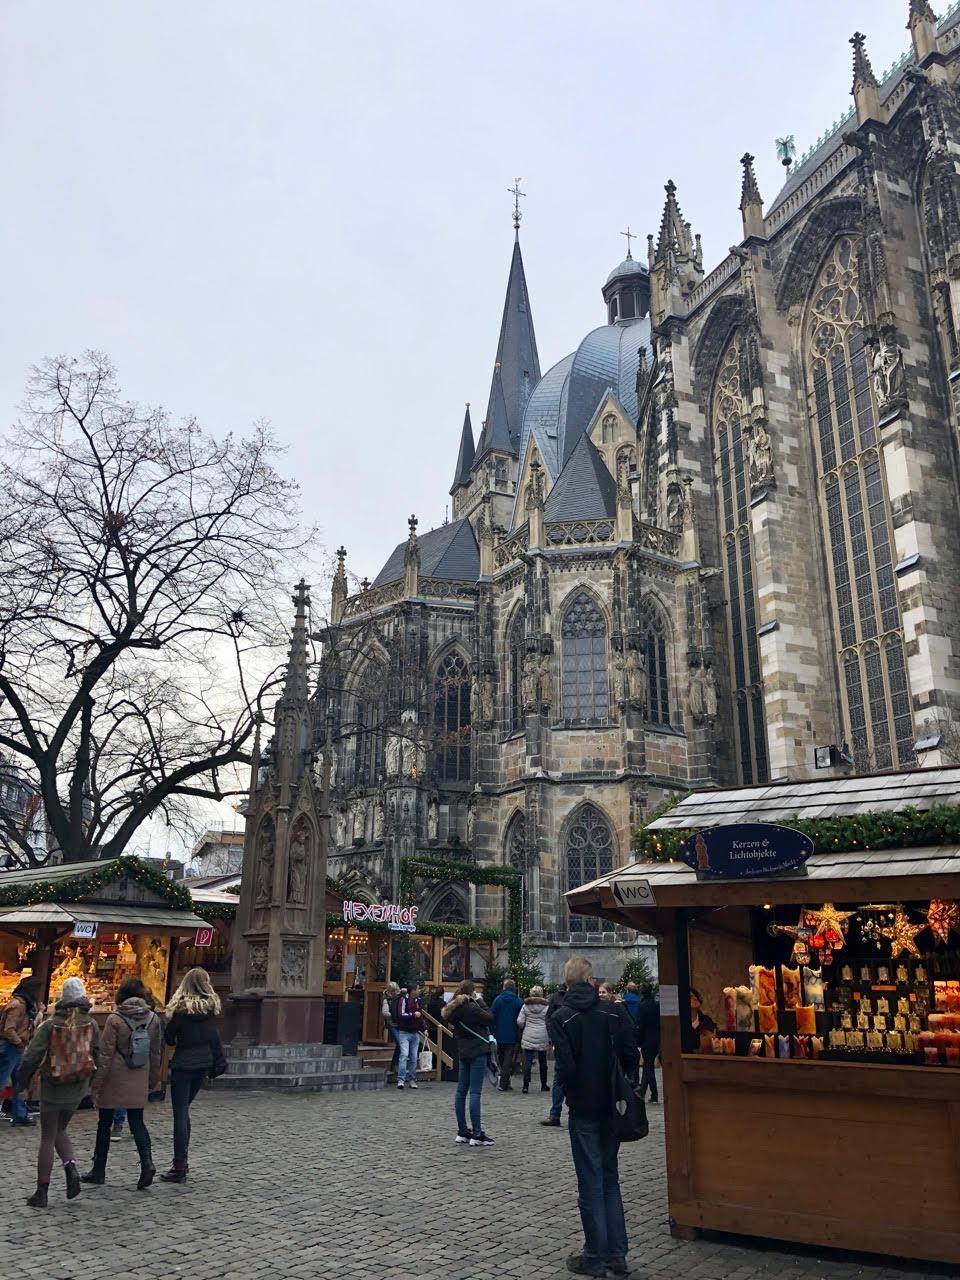 Navidad en Aachen (Aquisgrán)